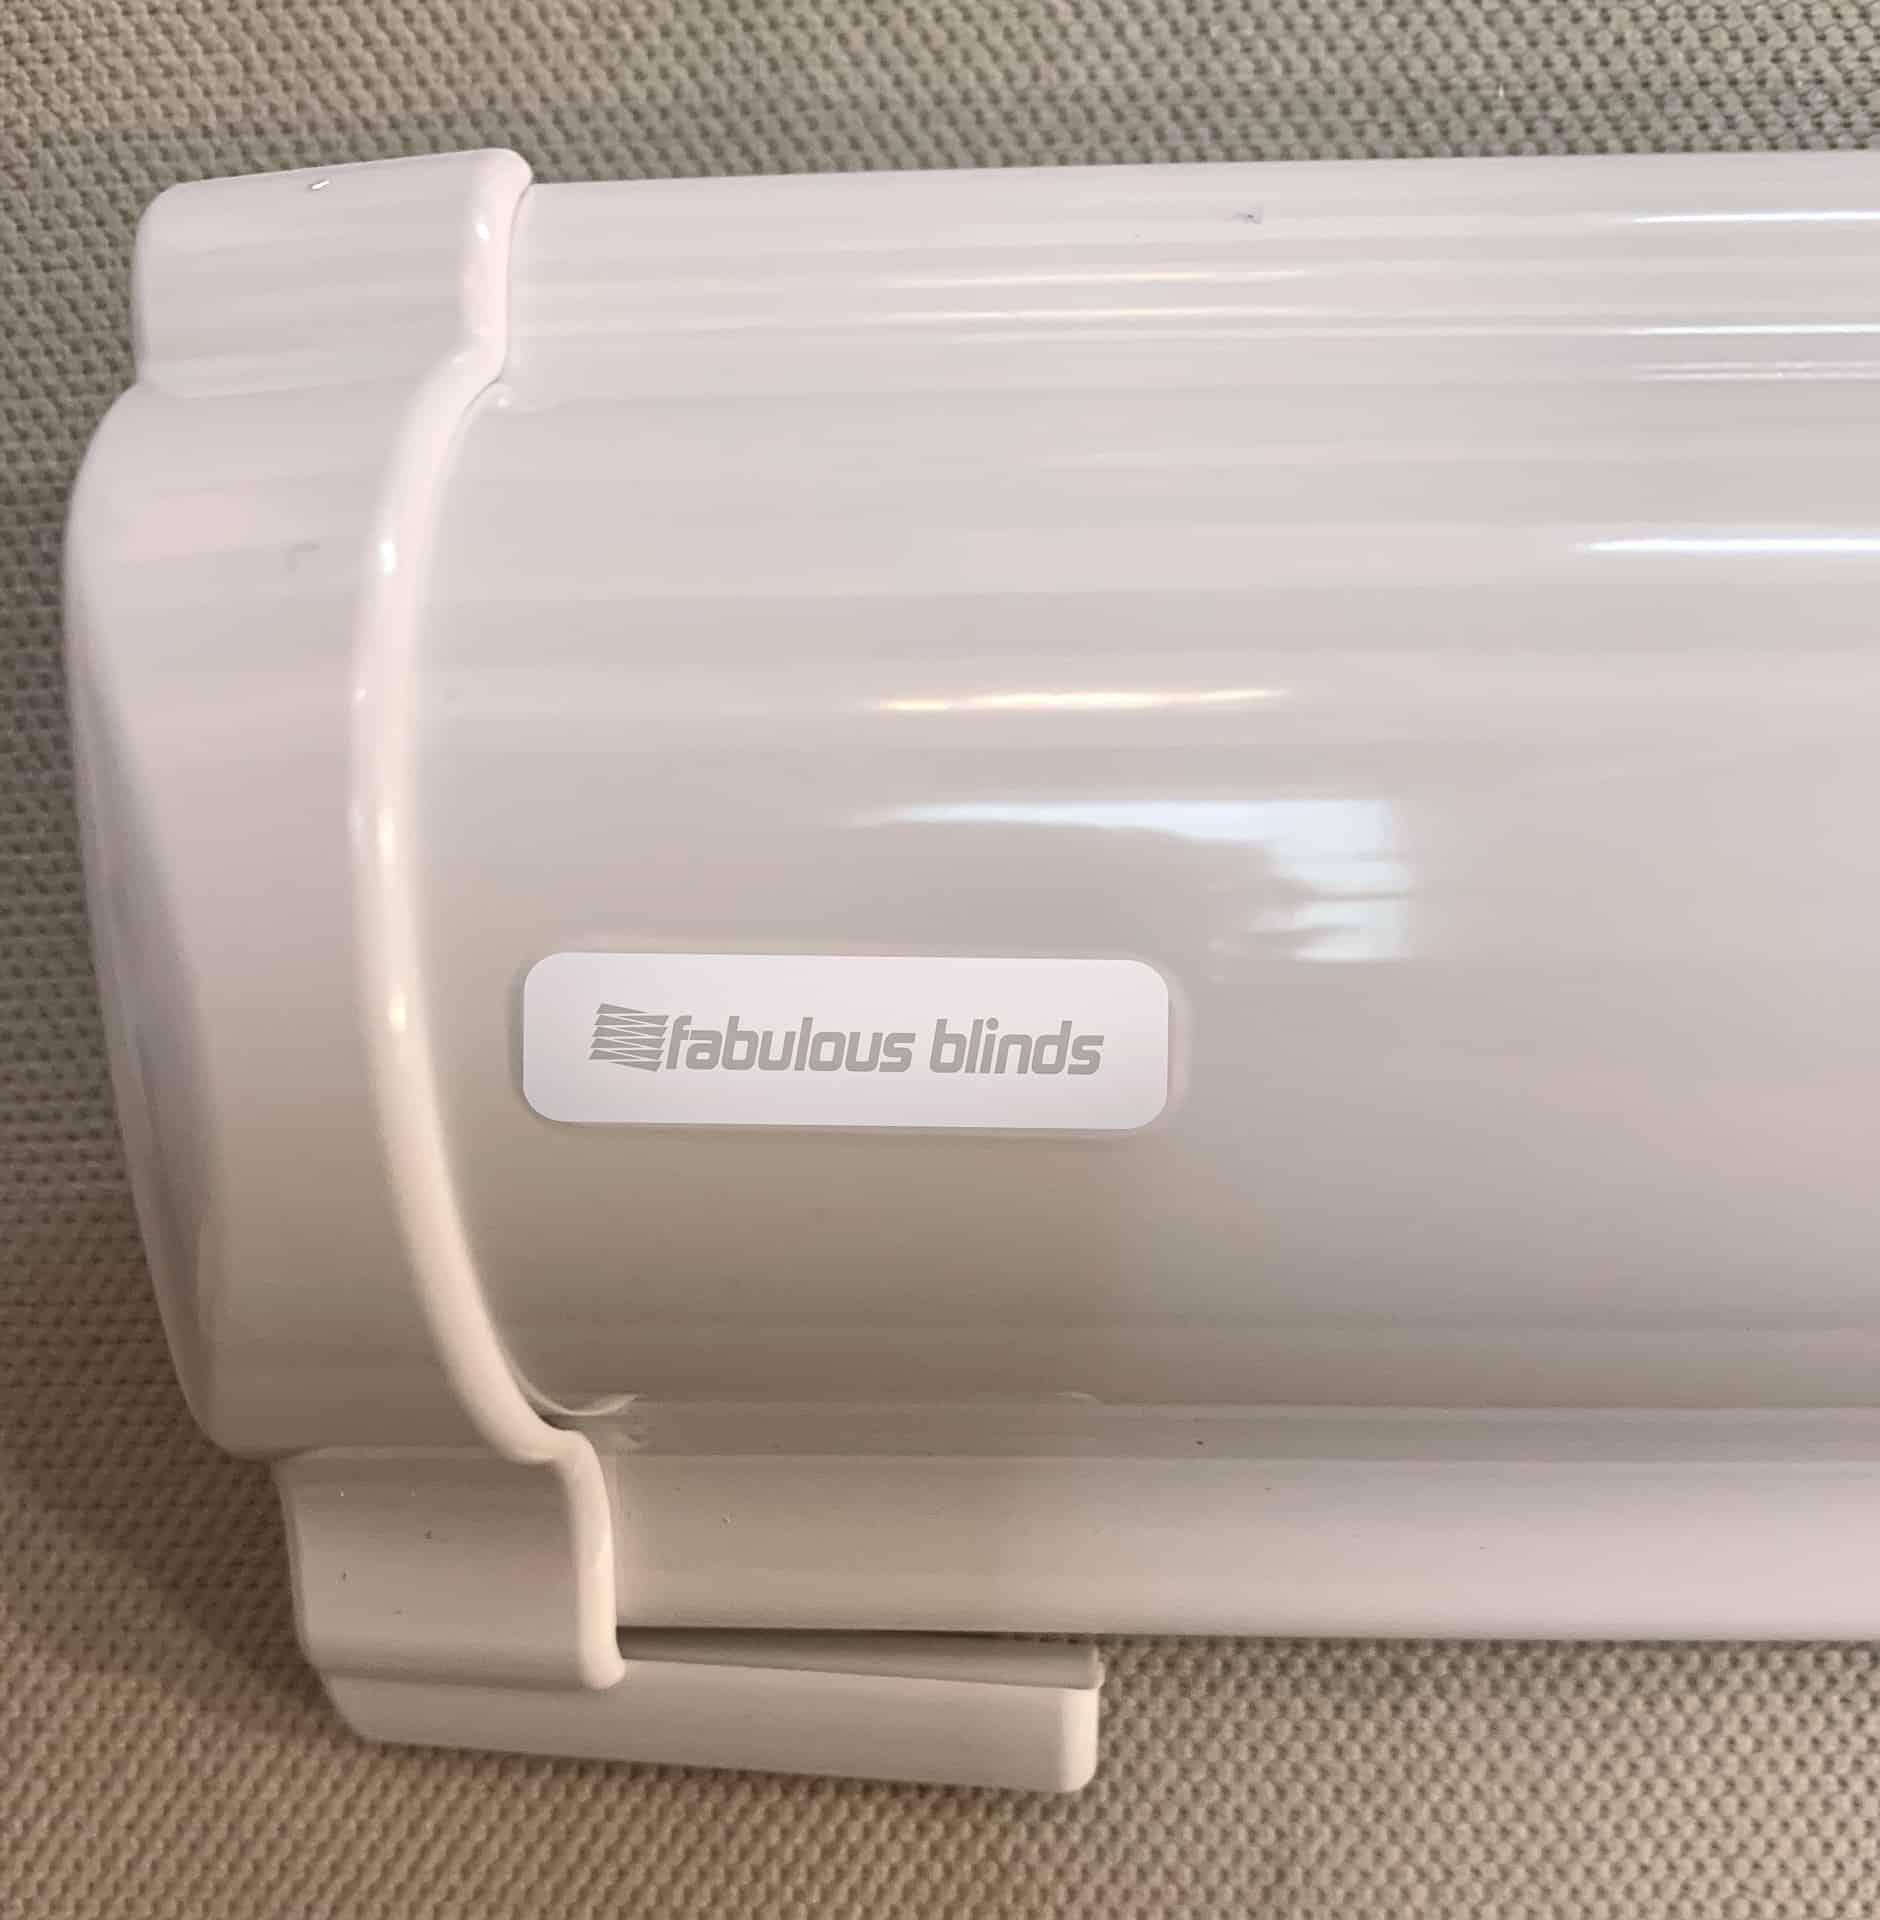 naklejka z logo fabulous blinds przyklejona na rolete